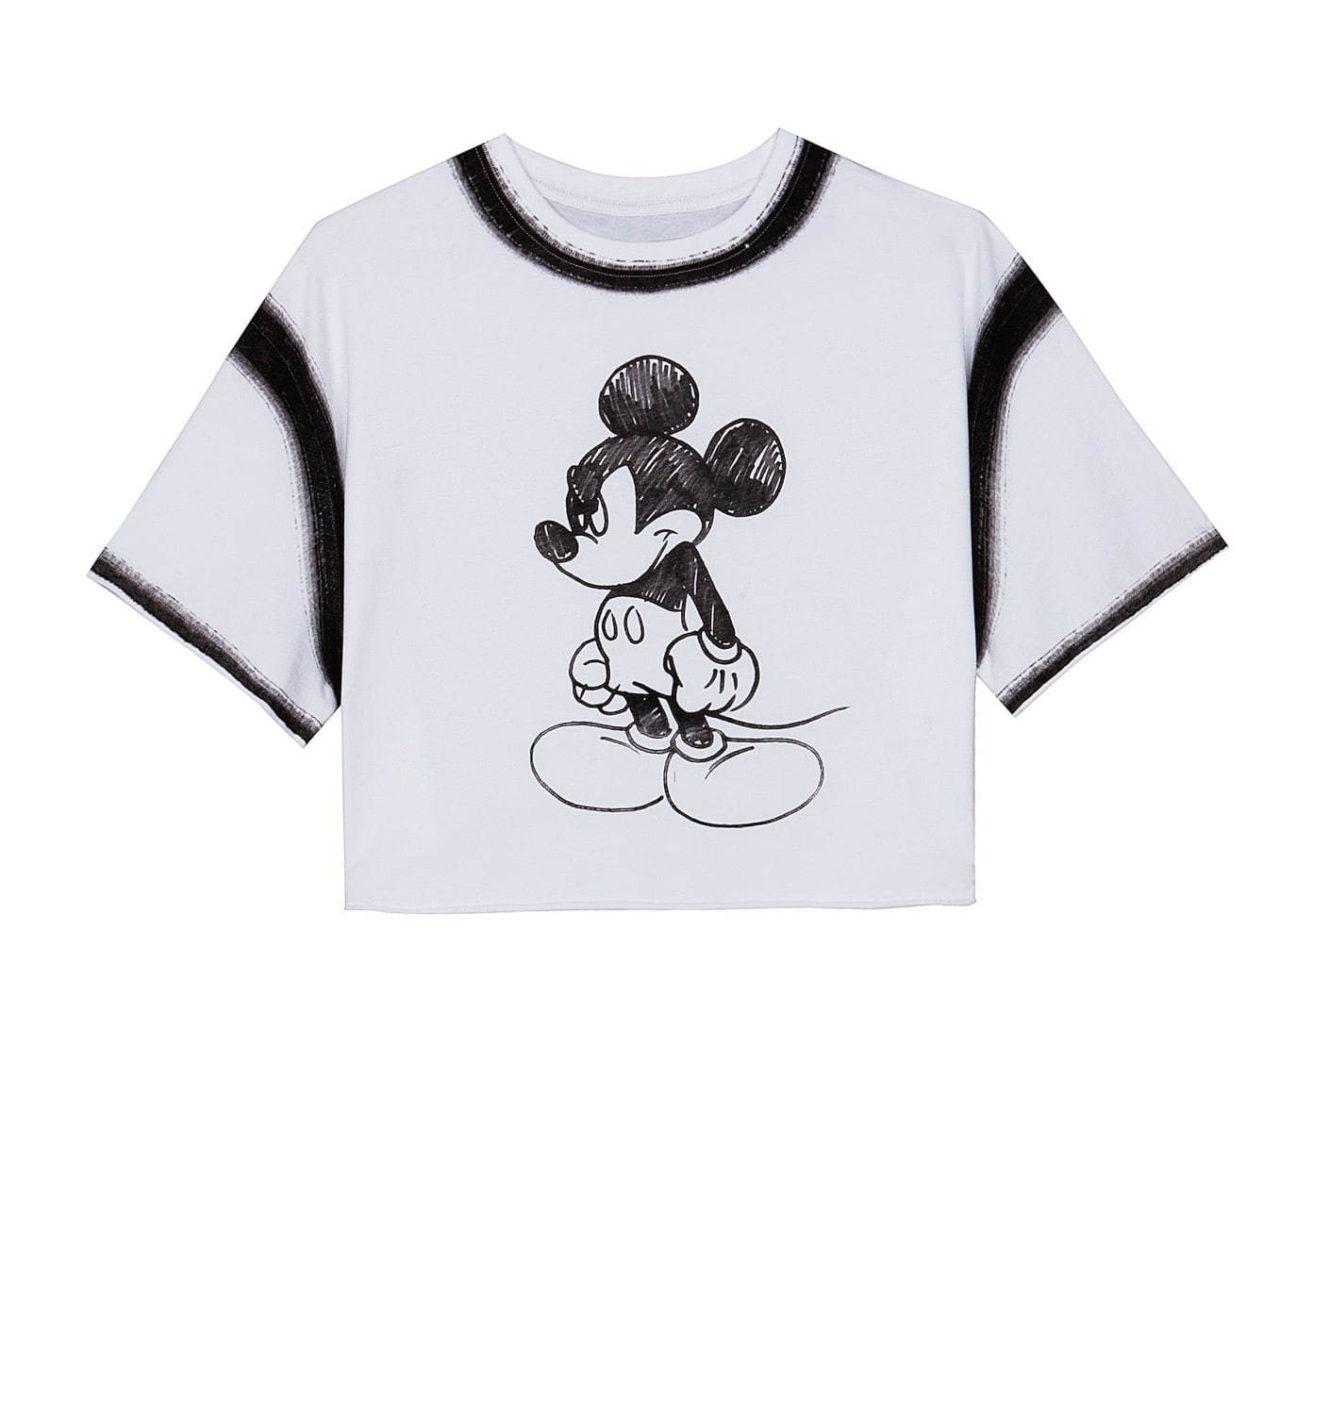 """ベルシュカから、""""フリーハンド""""で描いたミッキーマウスのウィメンズ&メンズアイテム"""